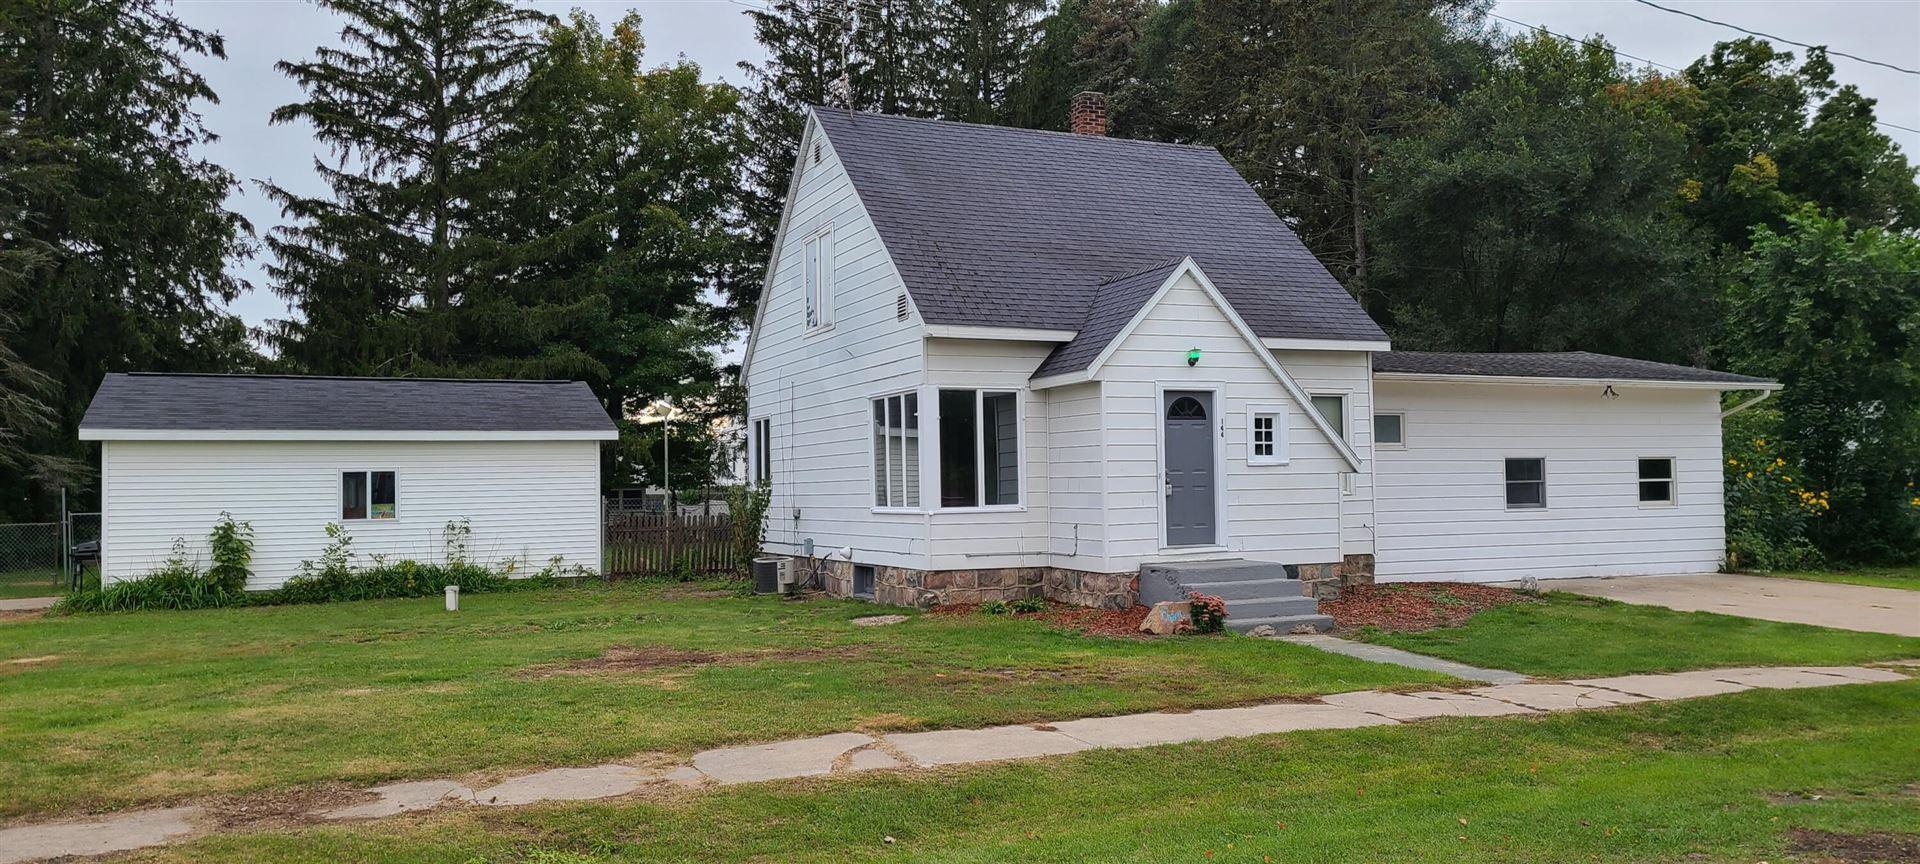 144 Clark Street, Six Lakes, MI 48886 - MLS#: 21107299